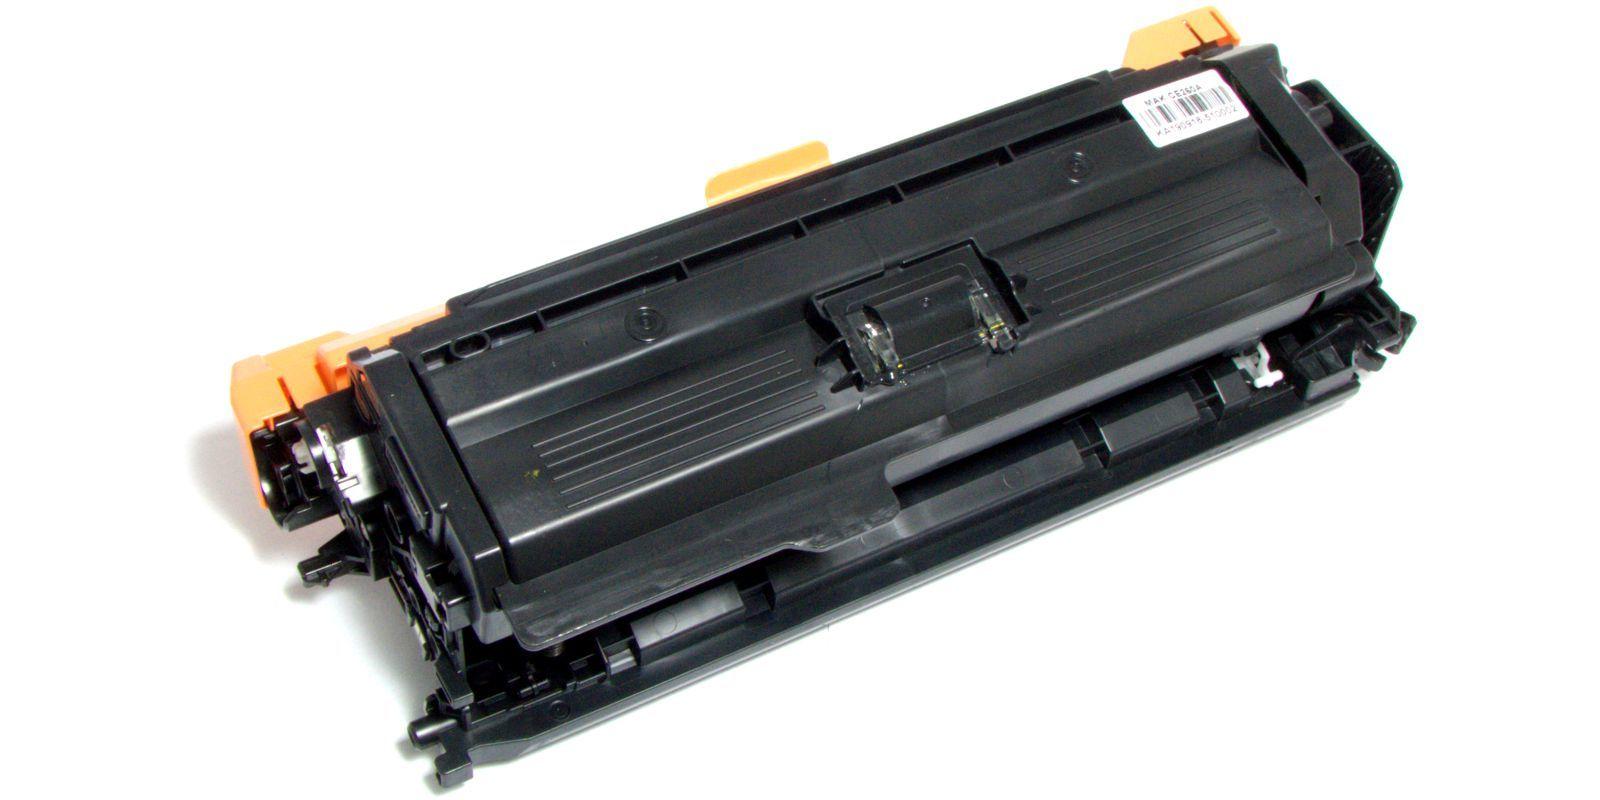 Картридж лазерный цветной КАРАКУМ 648A CE263A пурпурный (magenta), до 11 000 стр.